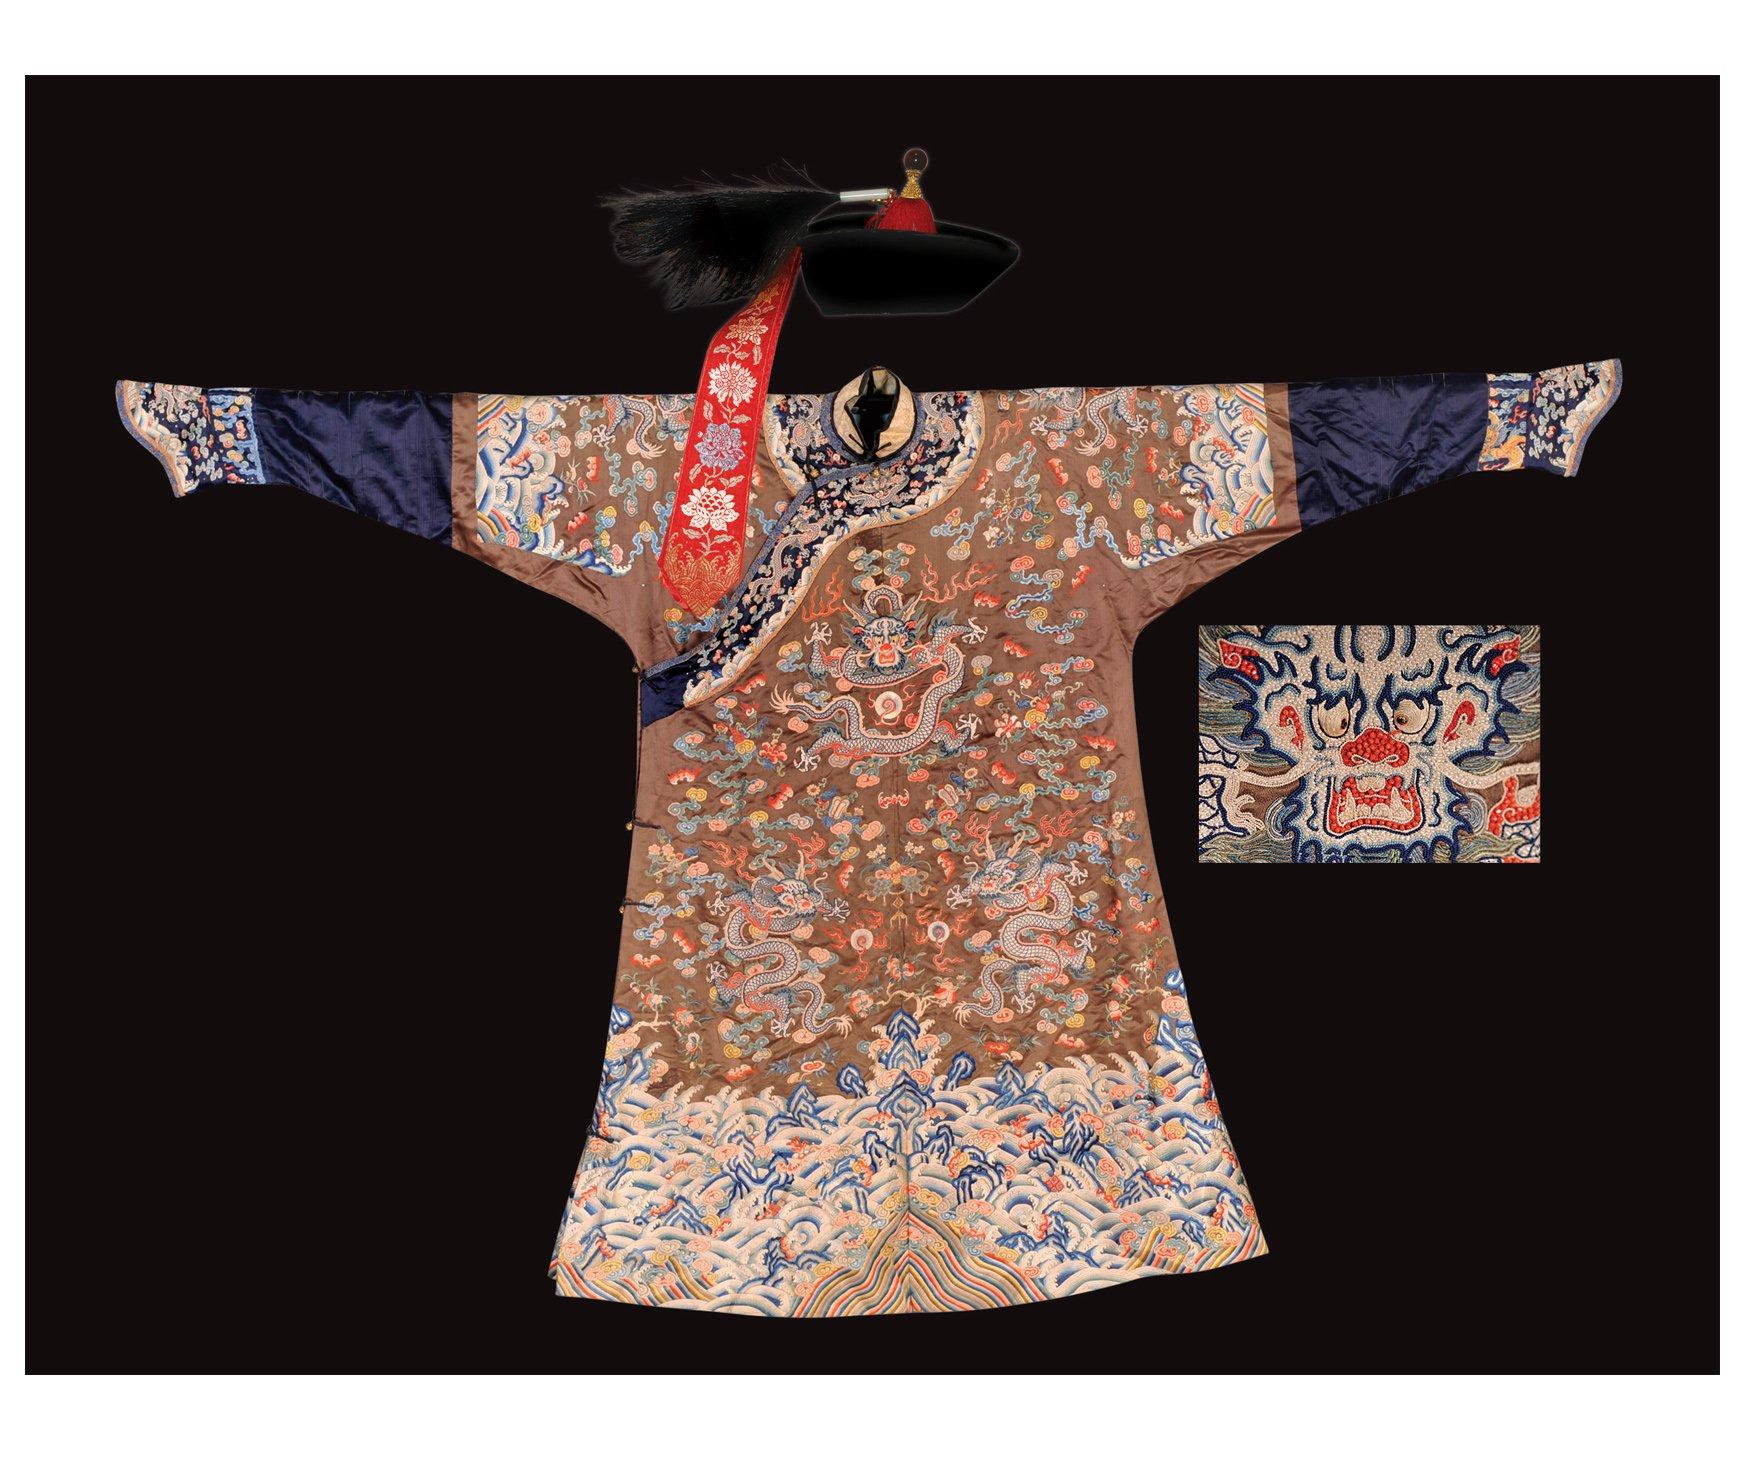 Монголын Үндэсний музейн цуглуулгаас цуврал нийтлэл